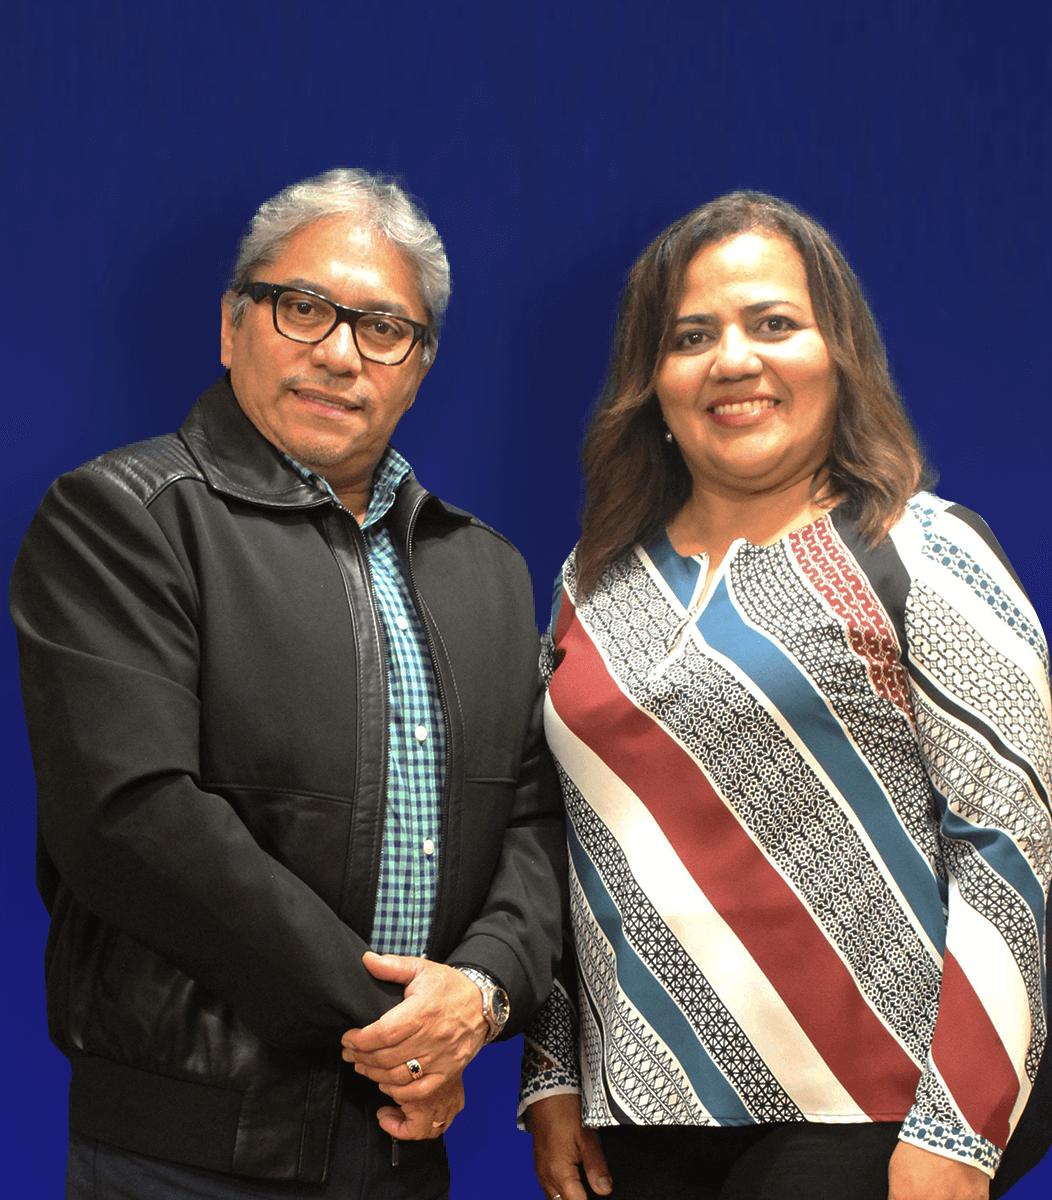 Wilson Cartagena y Claudia Cartagena | Centro de Vida Cristiana